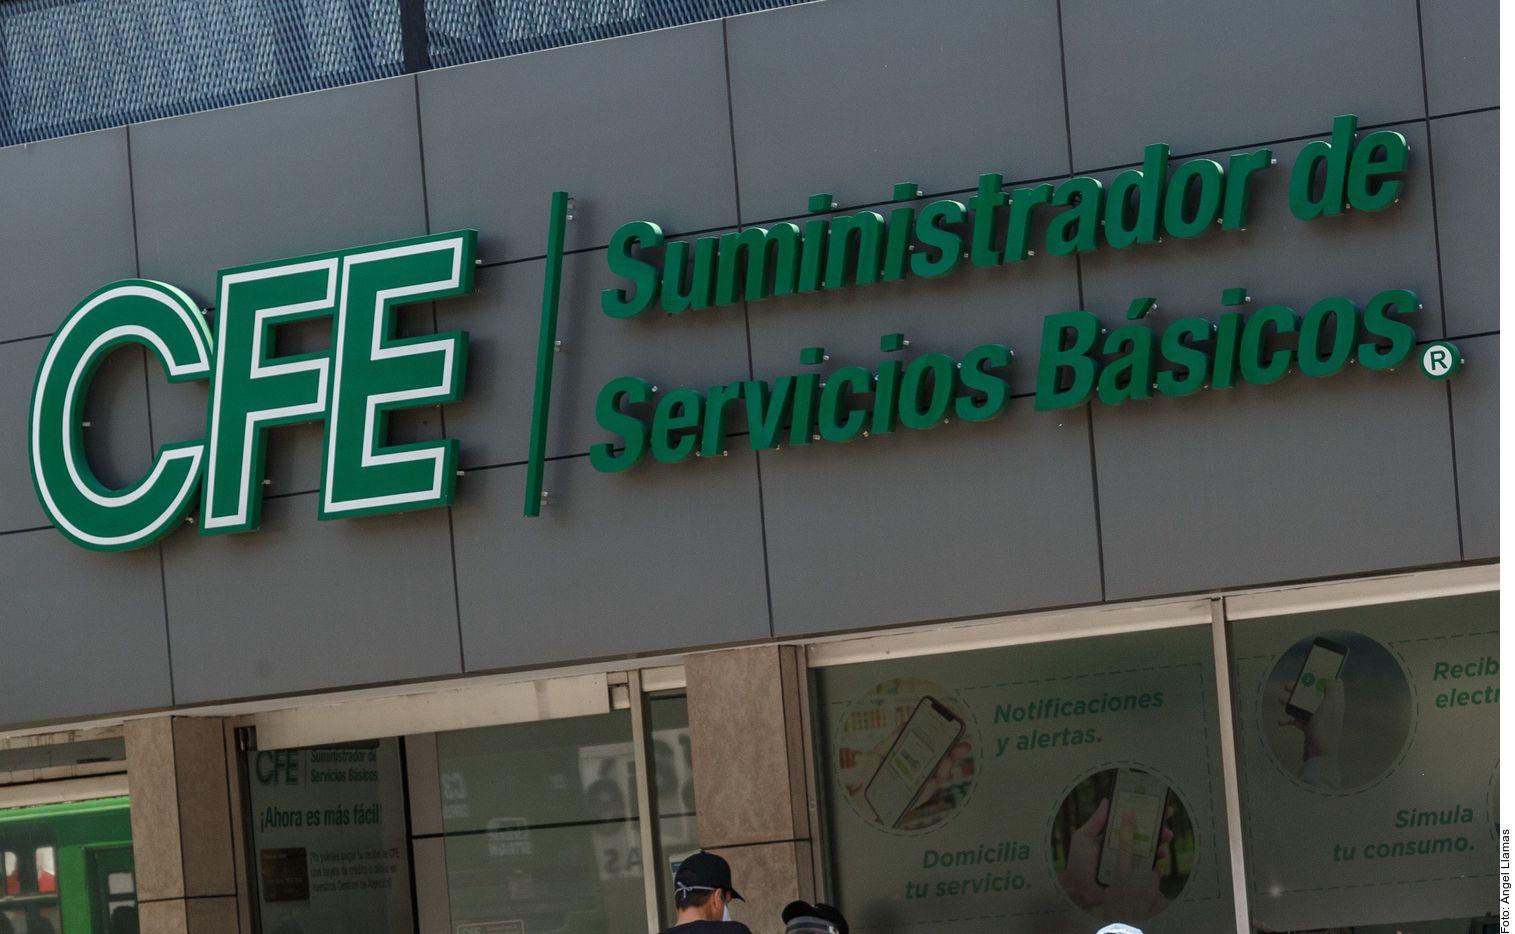 Usuarios en redes sociales escribieron a la cuenta de Twitter de la CFE para reportar apagones en Chihuahua.